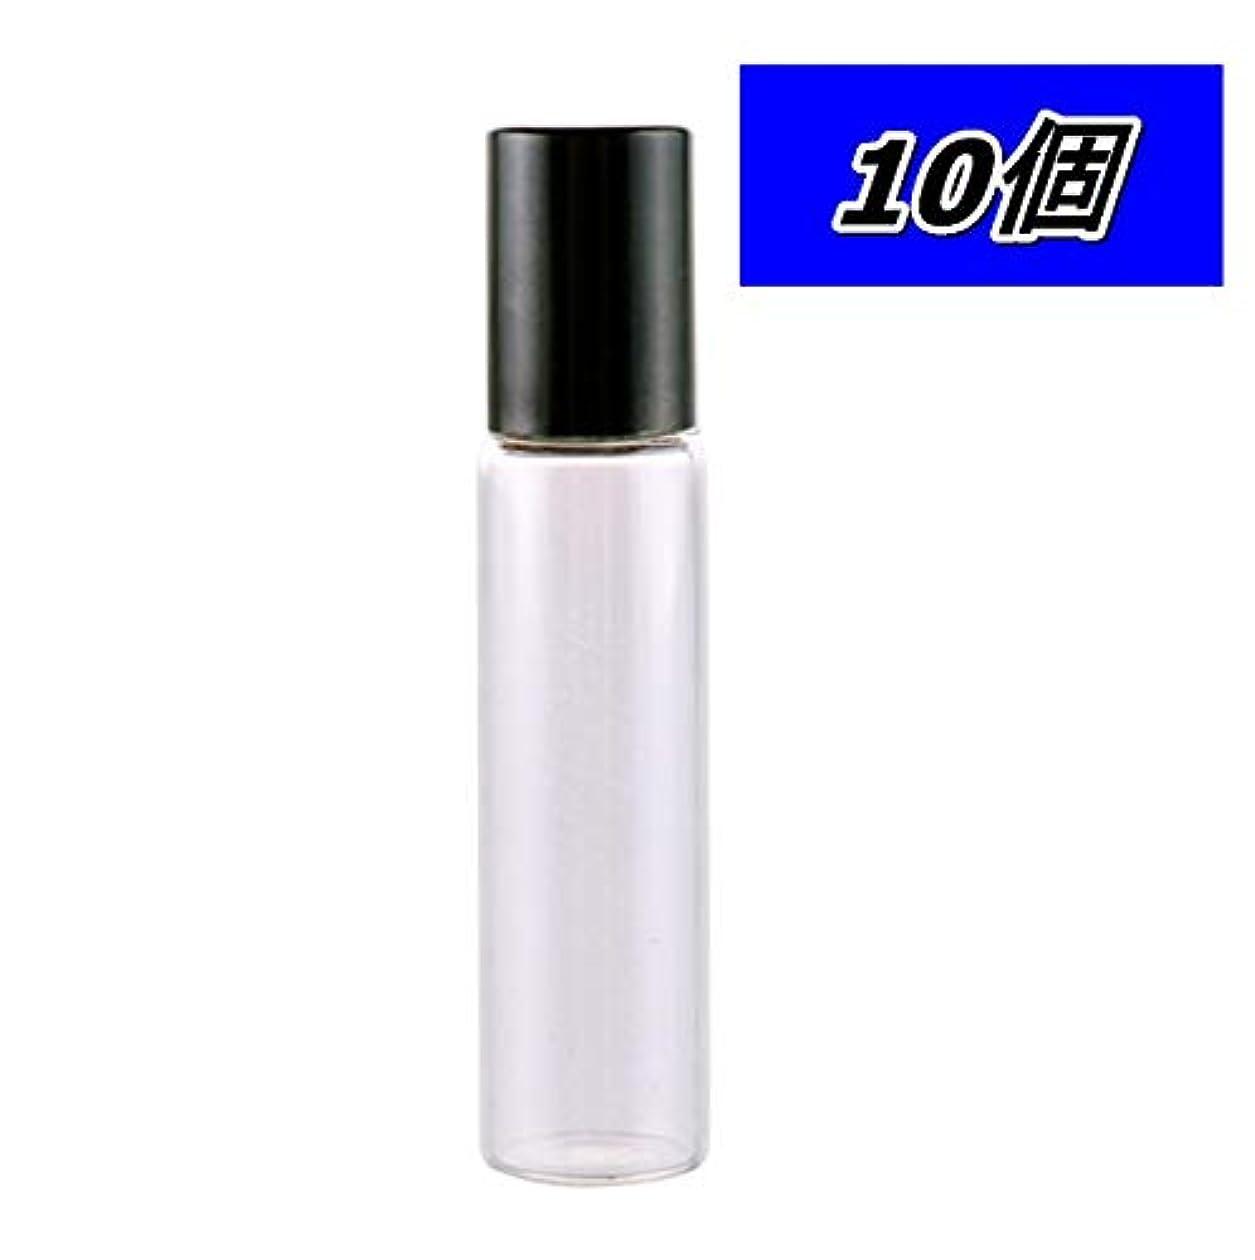 保全賢いエイズ[SP] ロールオンボトル 容器 アロマ ボトル ガラス 瓶 透明 クリア 香水 小分け 持ち運び 10ml 10本 セット